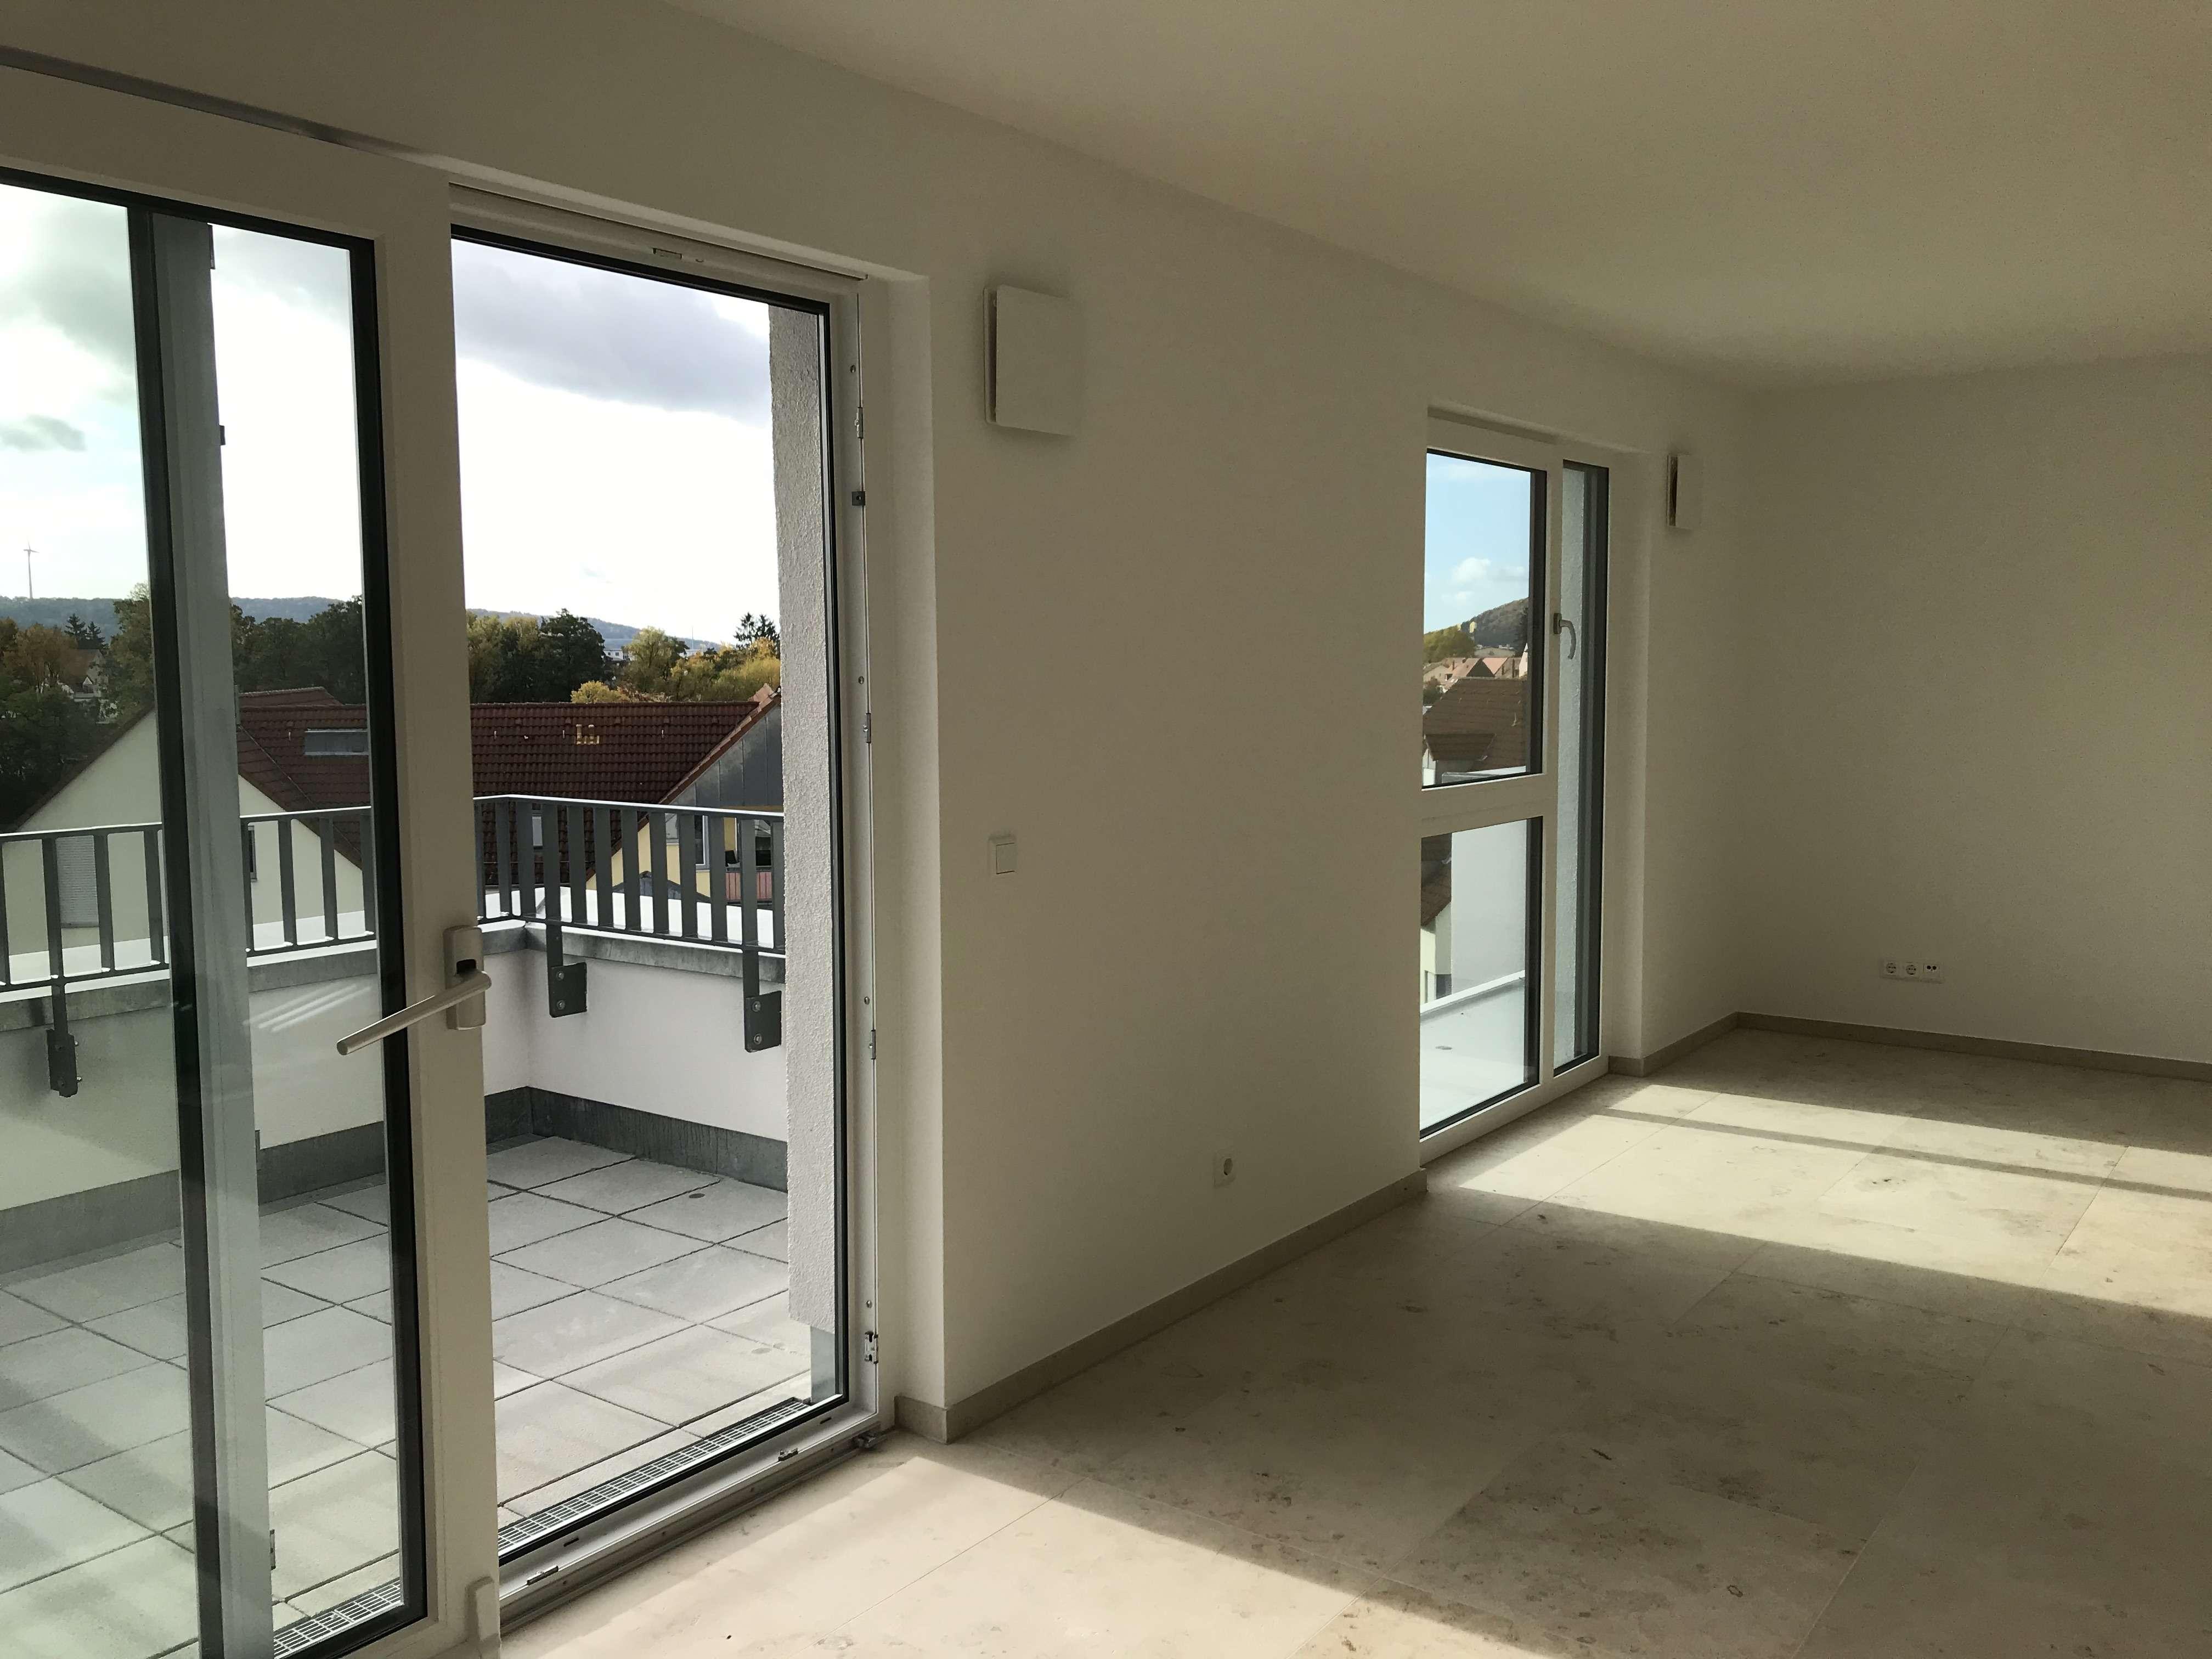 Erstbezug mit Dachterrasse: Stilvolle 3-Zimmer-Penthouse-Wohnung in Neumarkt in der Oberpfalz in Neumarkt in der Oberpfalz (Neumarkt in der Oberpfalz)